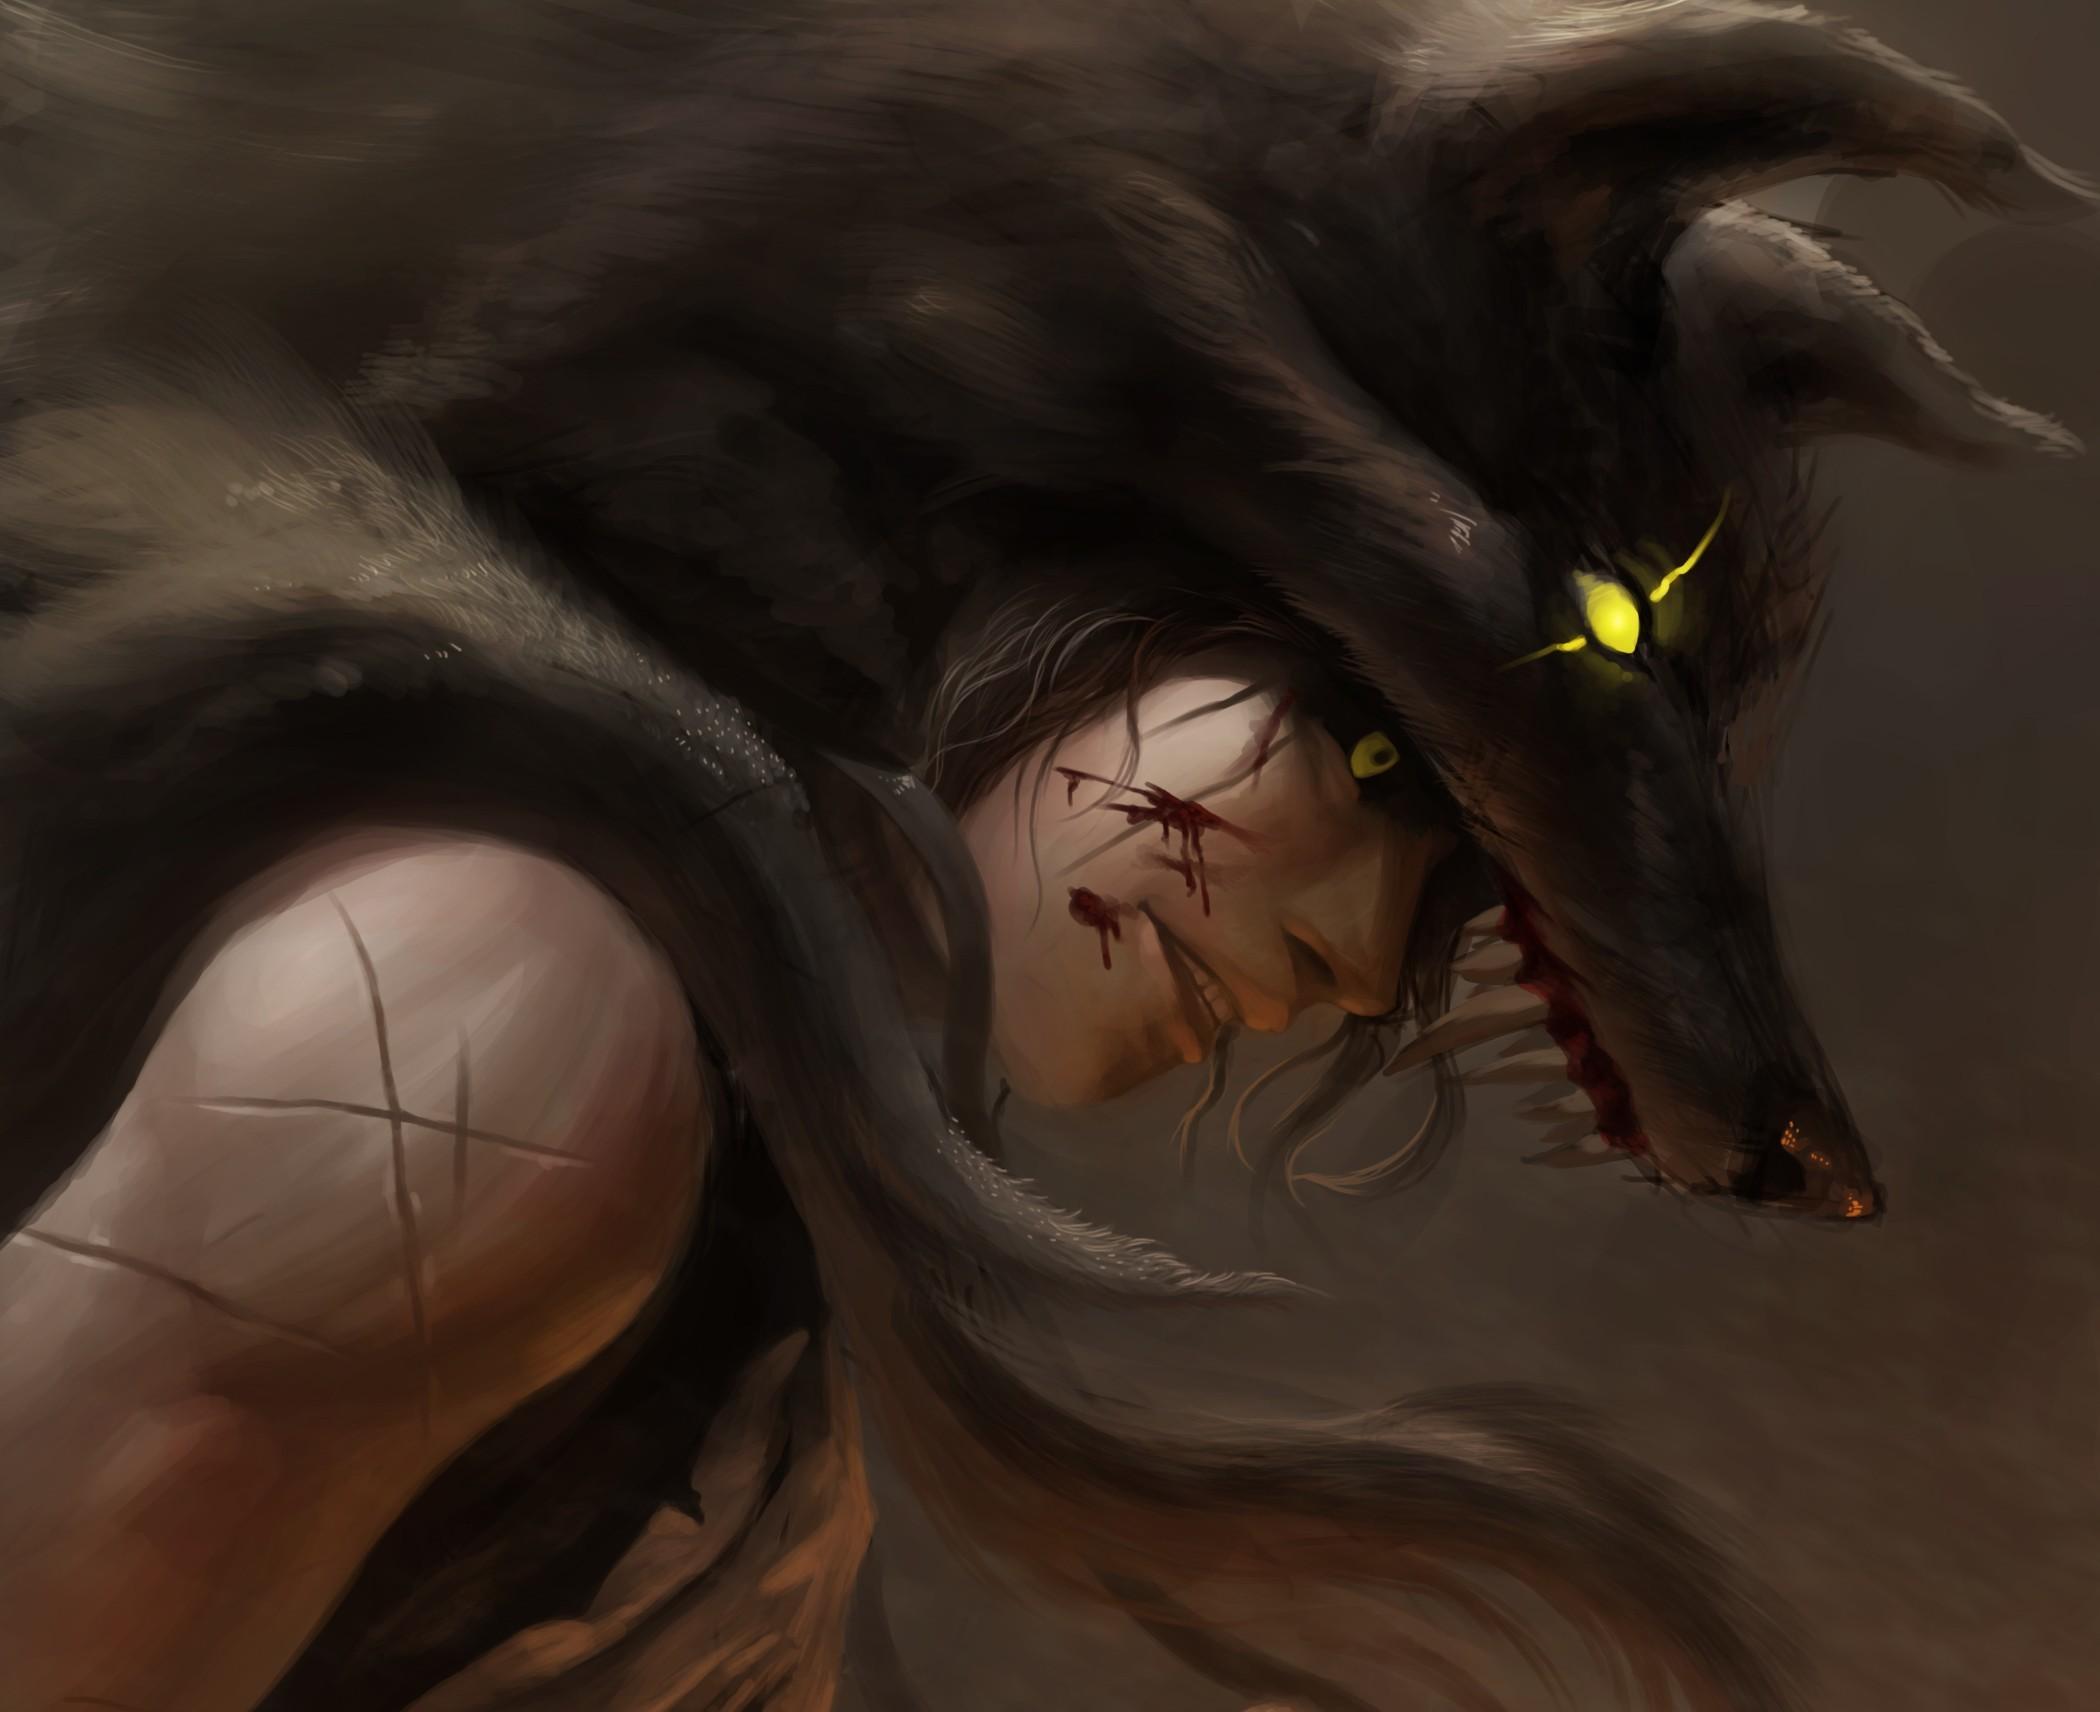 Картинка волк Парни Фантастика Волки юноша парень подросток Фэнтези